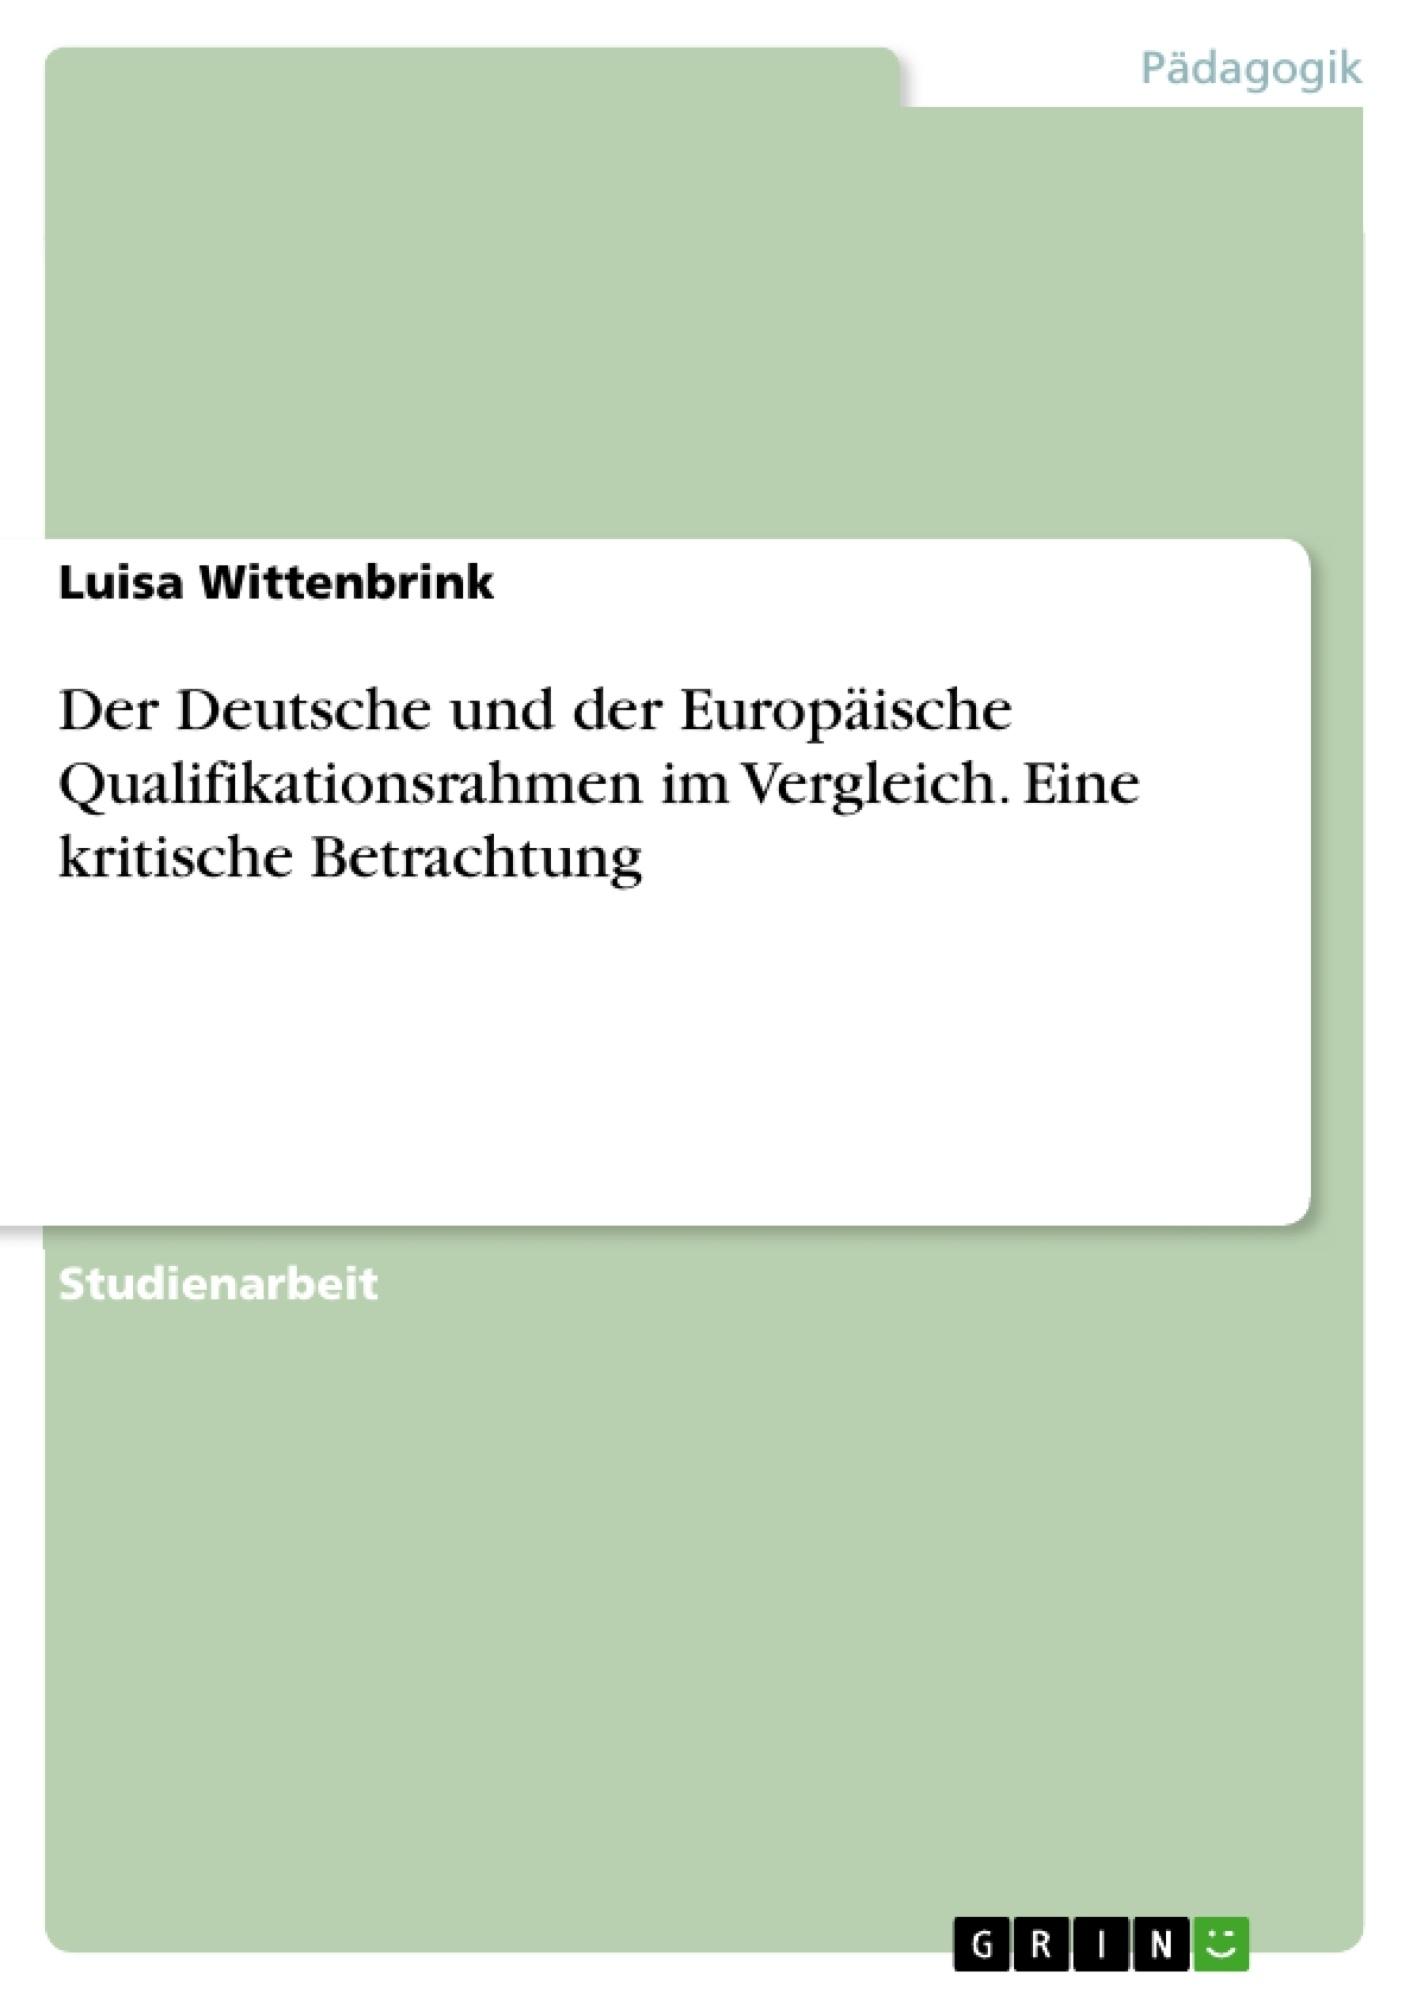 Titel: Der Deutsche und der Europäische Qualifikationsrahmen im Vergleich. Eine kritische Betrachtung